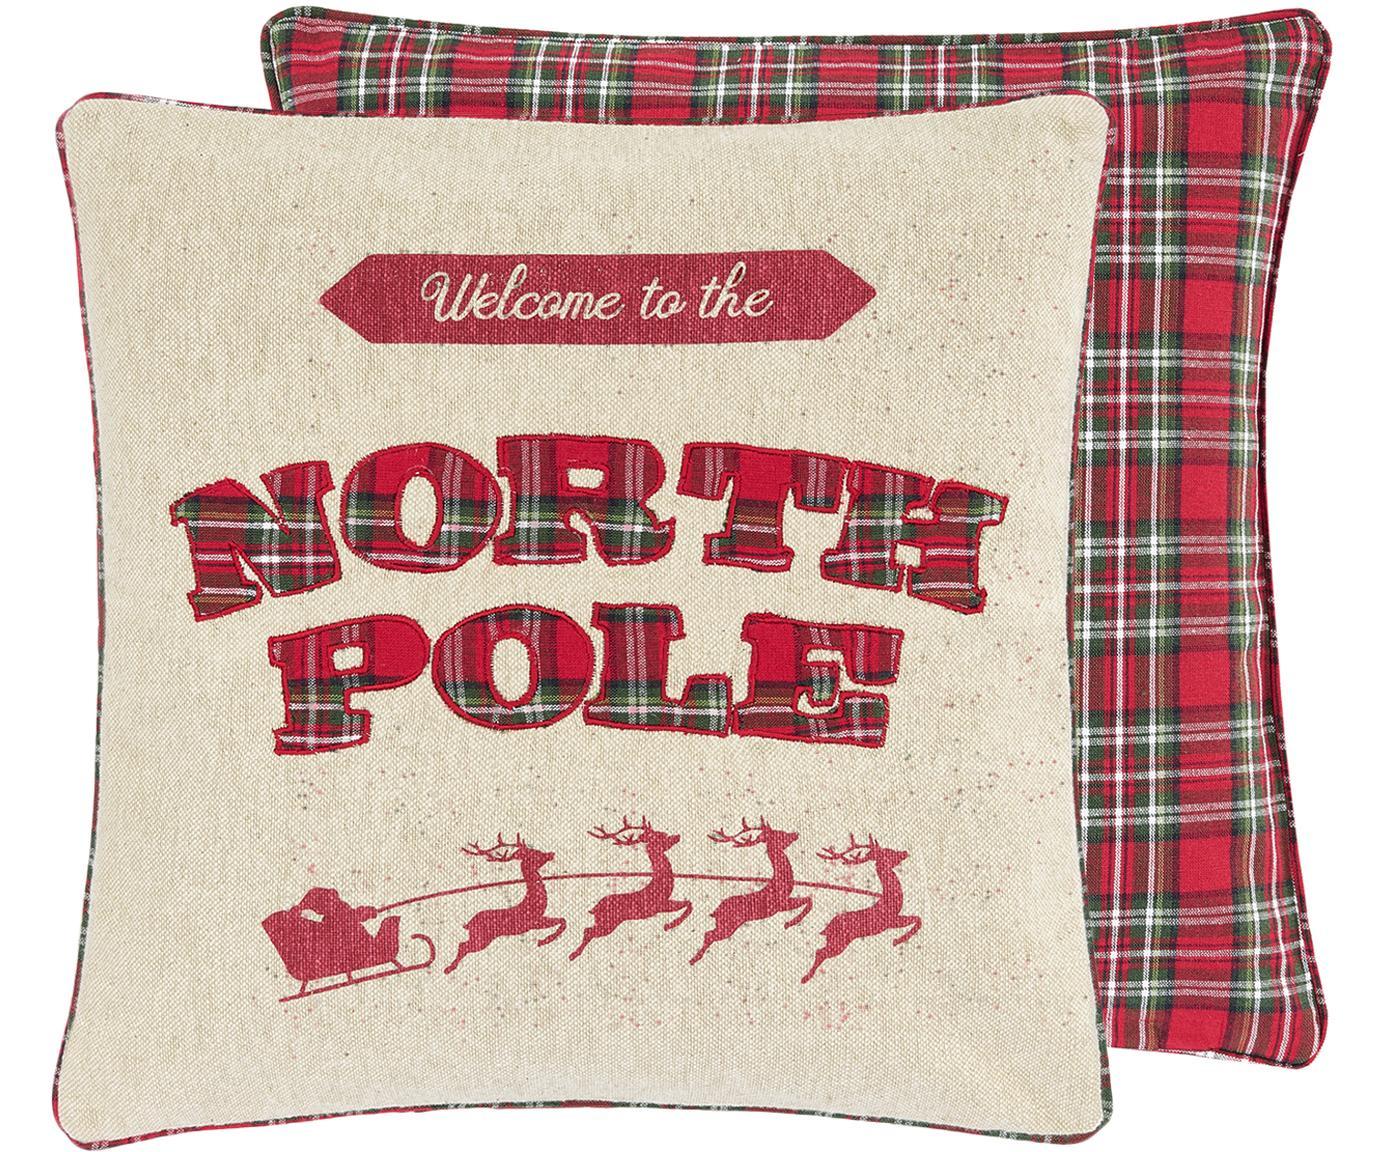 Poszewka na poduszkę North Pole, 100% bawełna, Przód: beżowy, czerwony, ciemny zielony Tył: czerwony, ciemny zielony, S 45 x D 45 cm